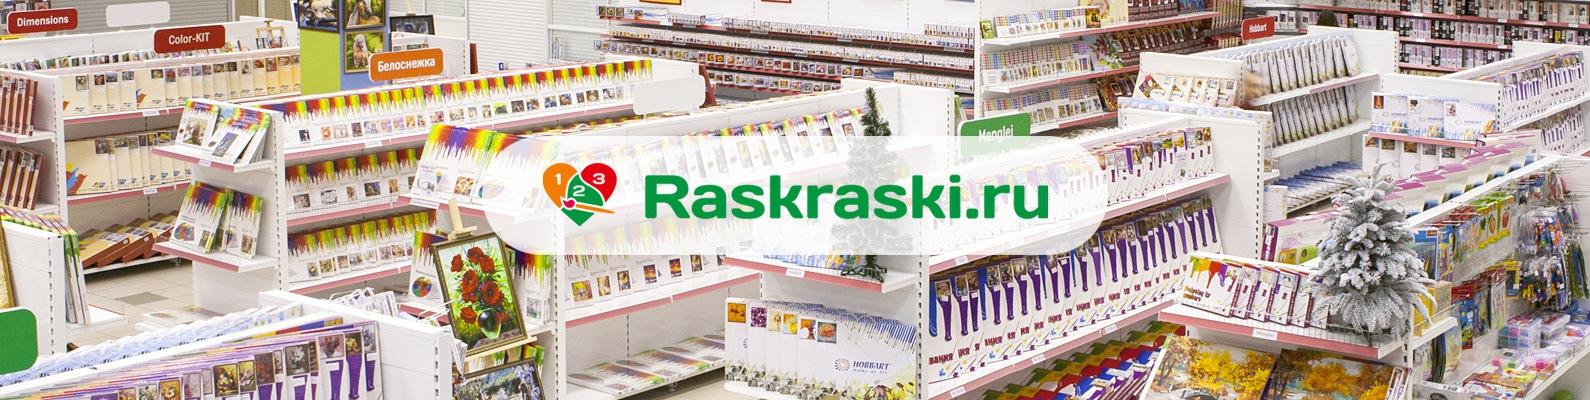 Раскраски.ру — картины по номерам | VK